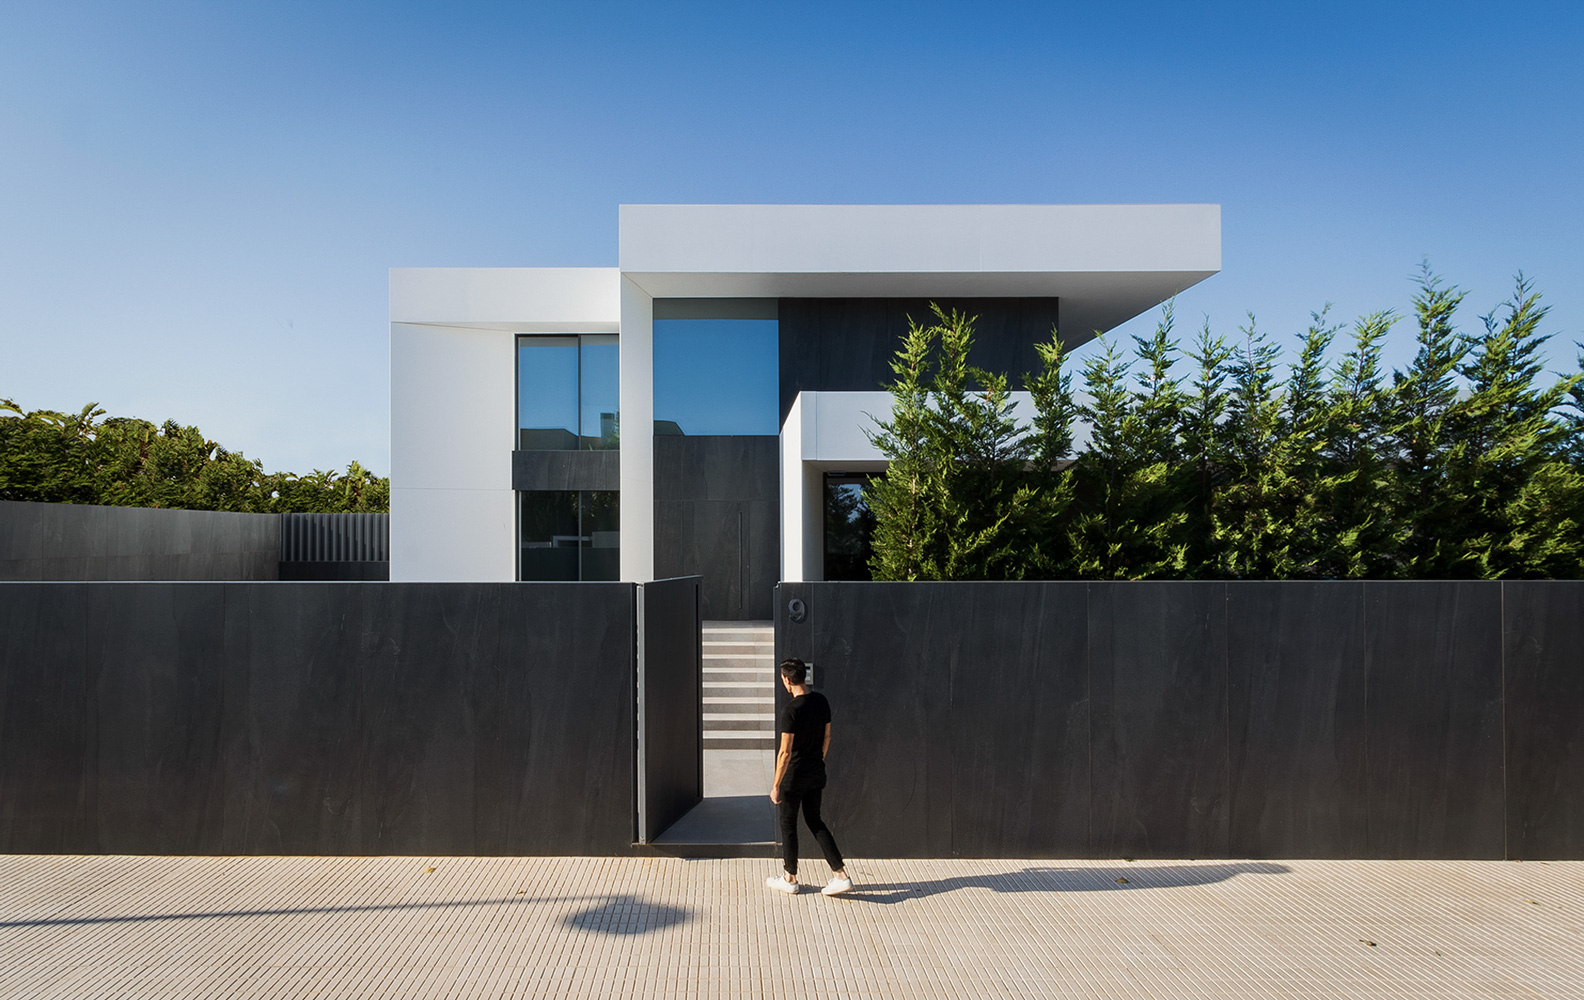 Entarada de casa moderna y minamalista blanca con valla negra